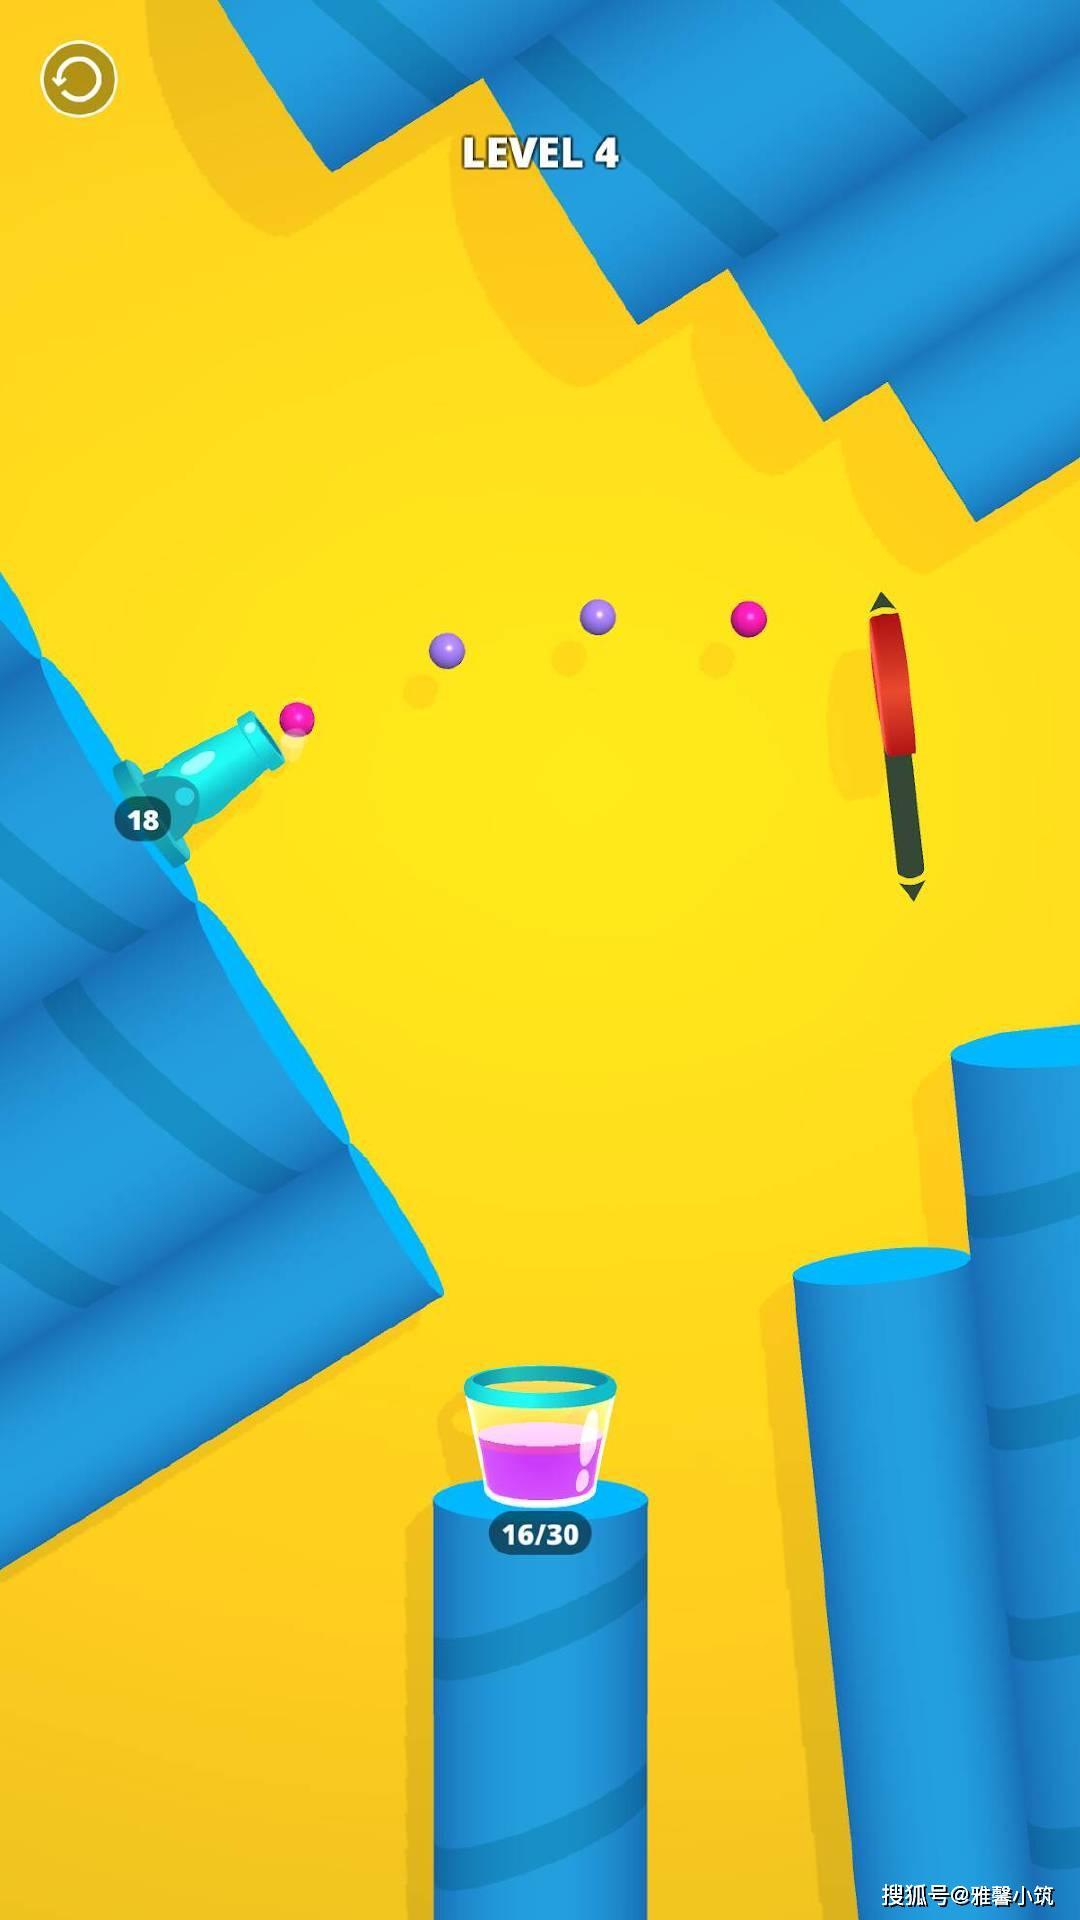 大炮射击益智游戏《CannonShot!》活力四射的享受